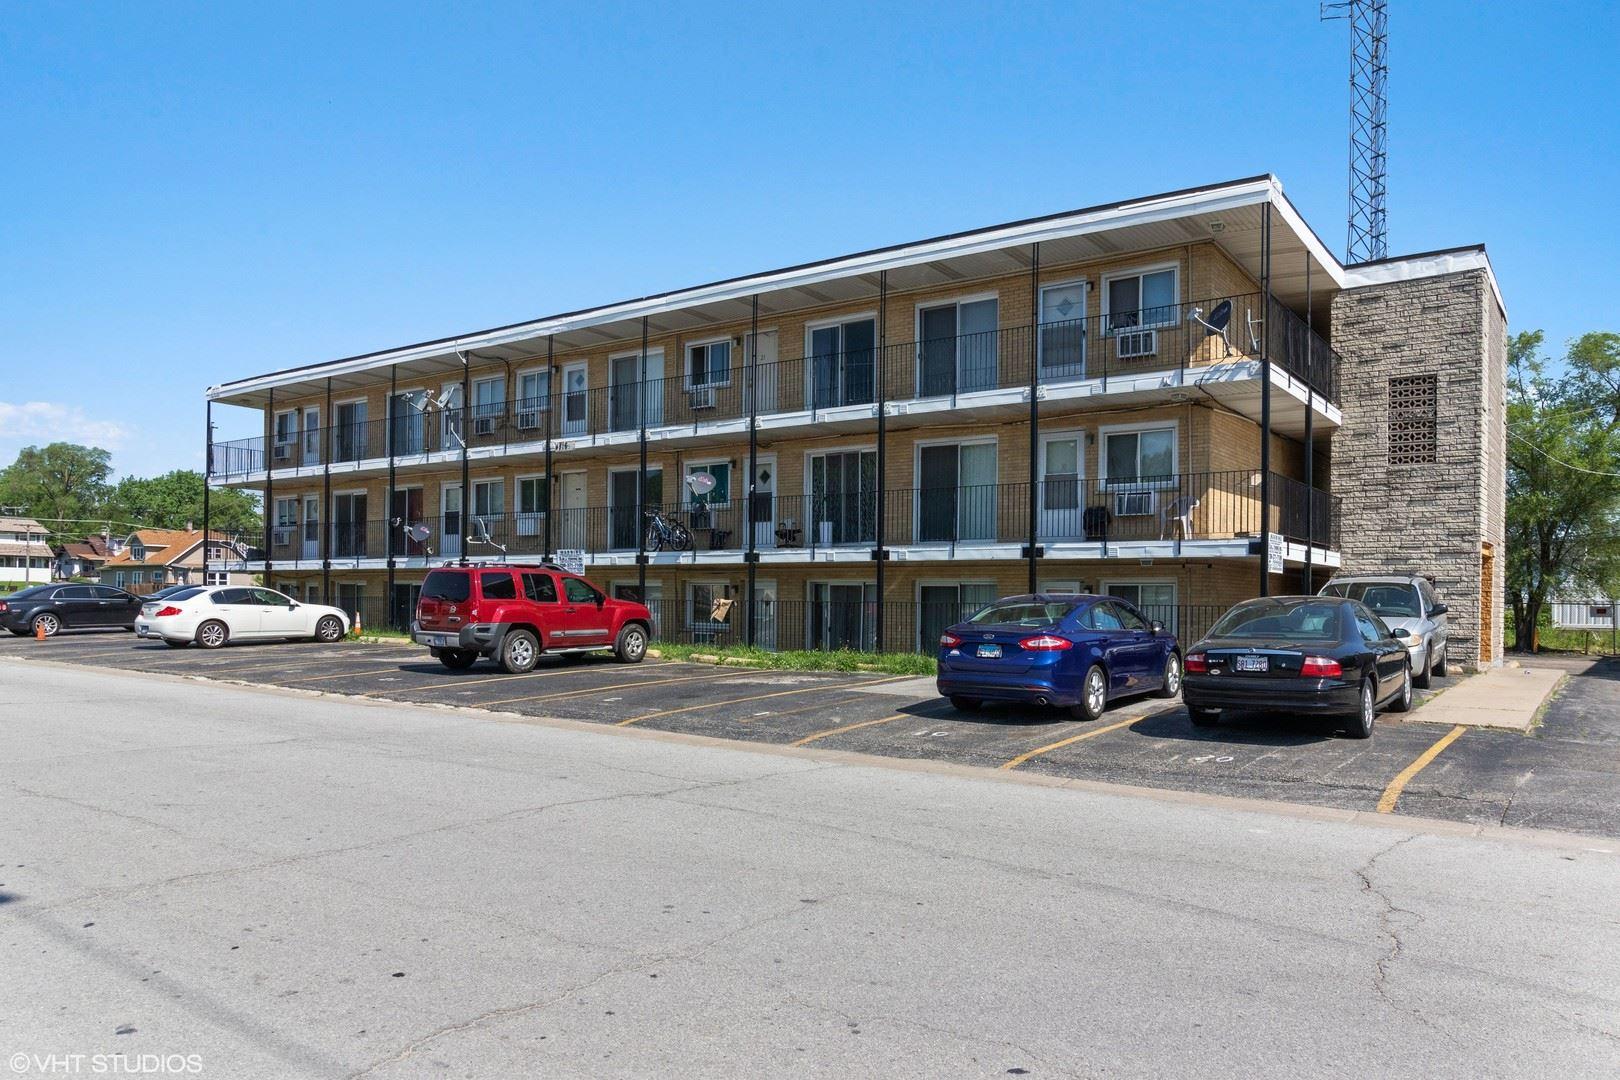 225 UTEG Street #3, Crystal Lake, IL 60014 - #: 10809203